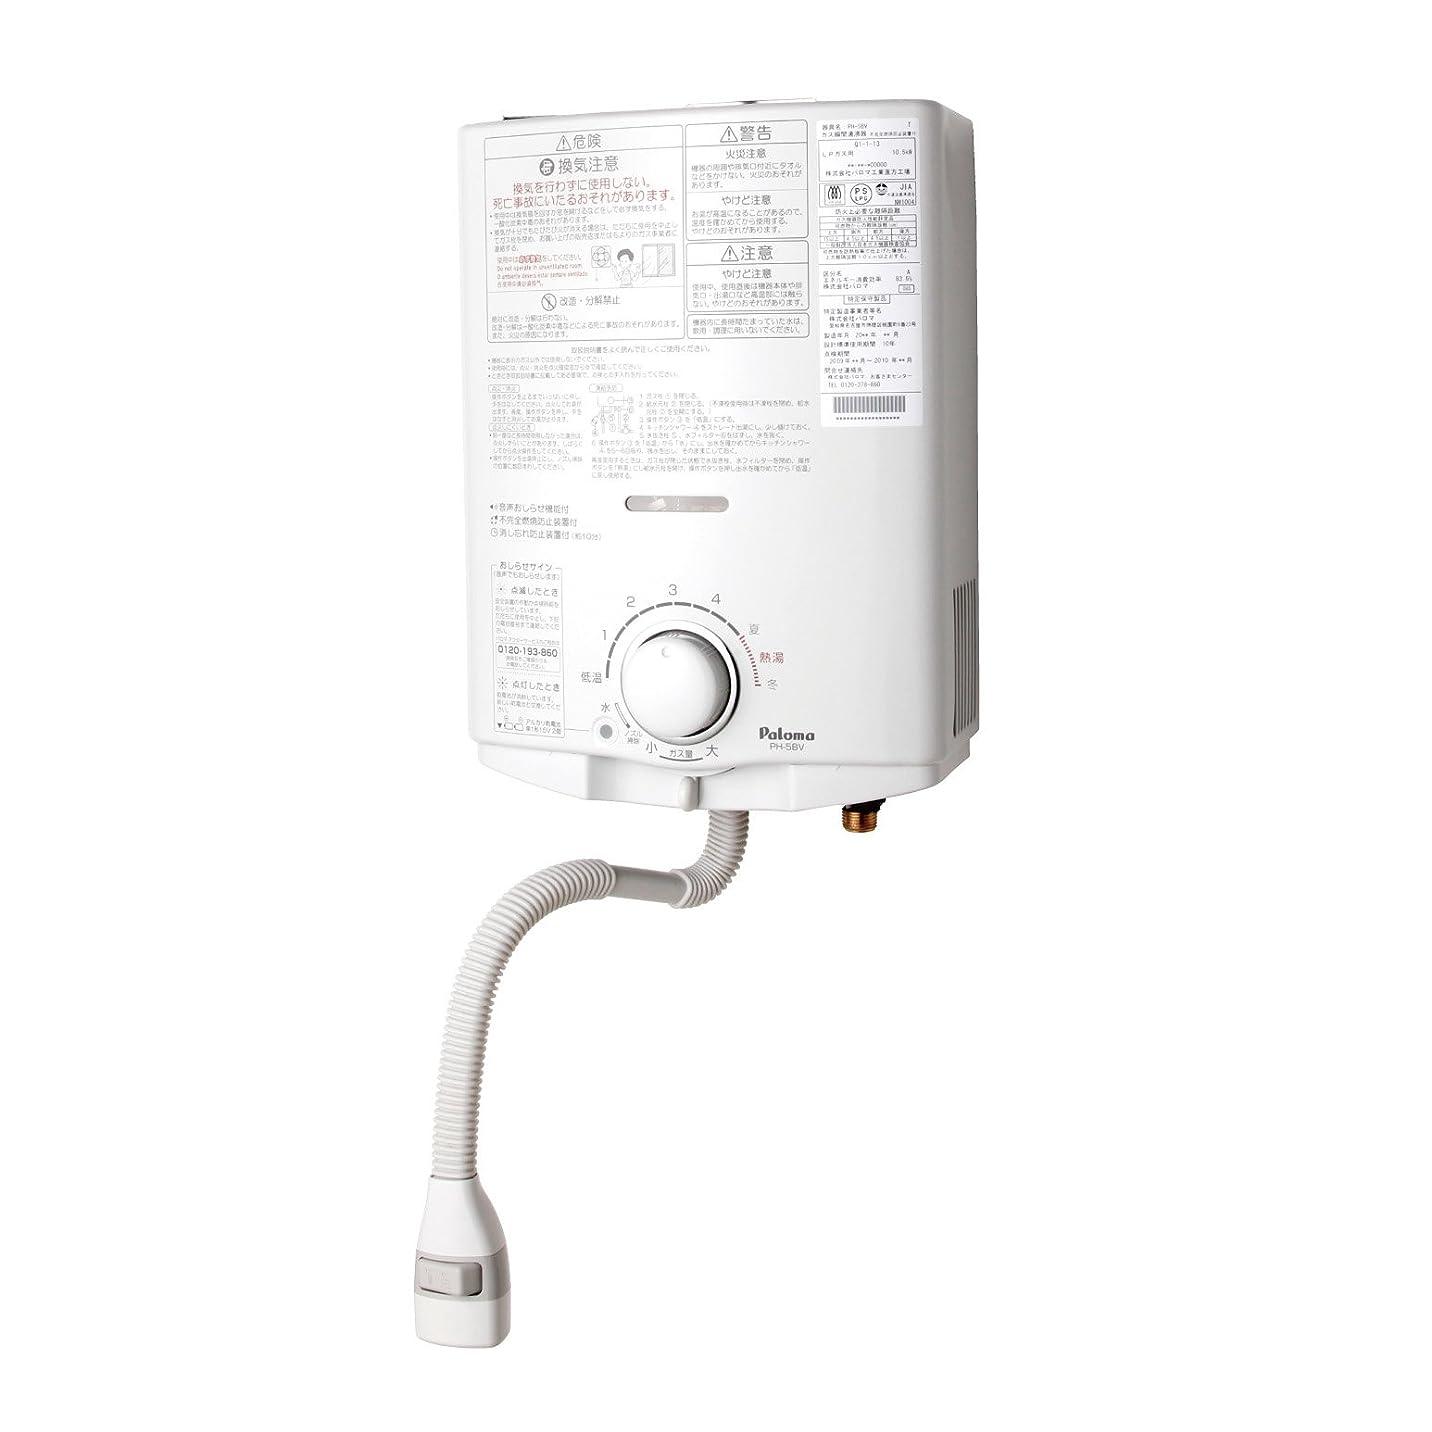 不承認オセアニア靴パロマ ガス給湯器 PH-5BV ガス湯沸器 都市ガス(12A13A)タイプ 音声お知らせ機能付 元止式